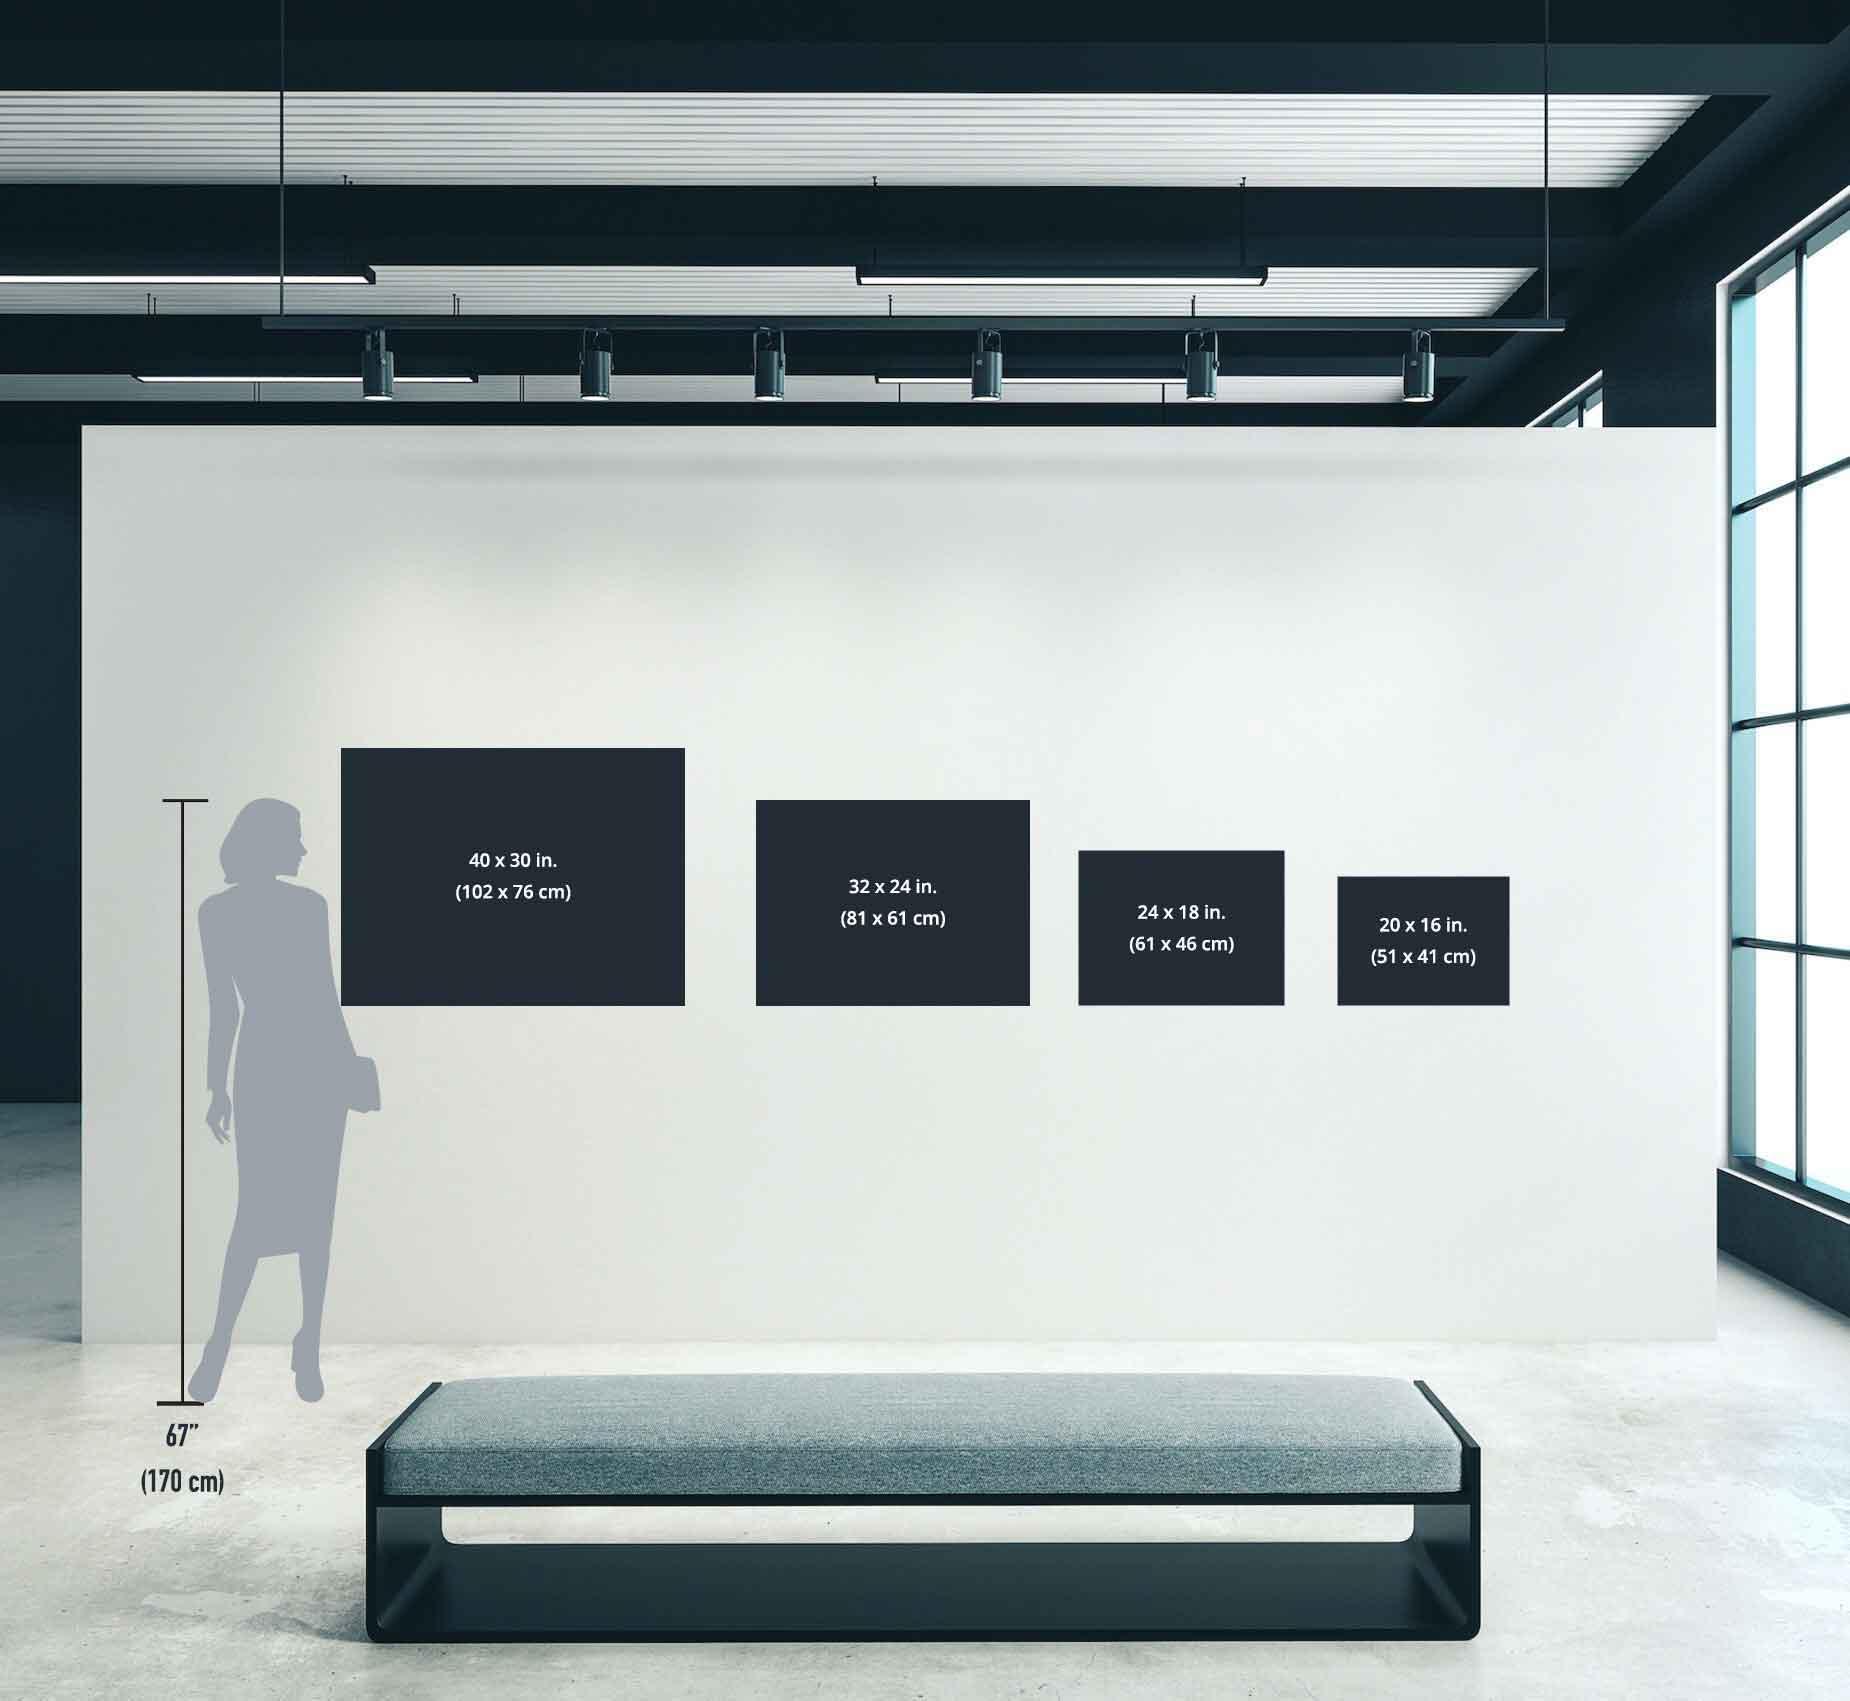 Guía de tamaños horizontales con figura de 180cm de alto